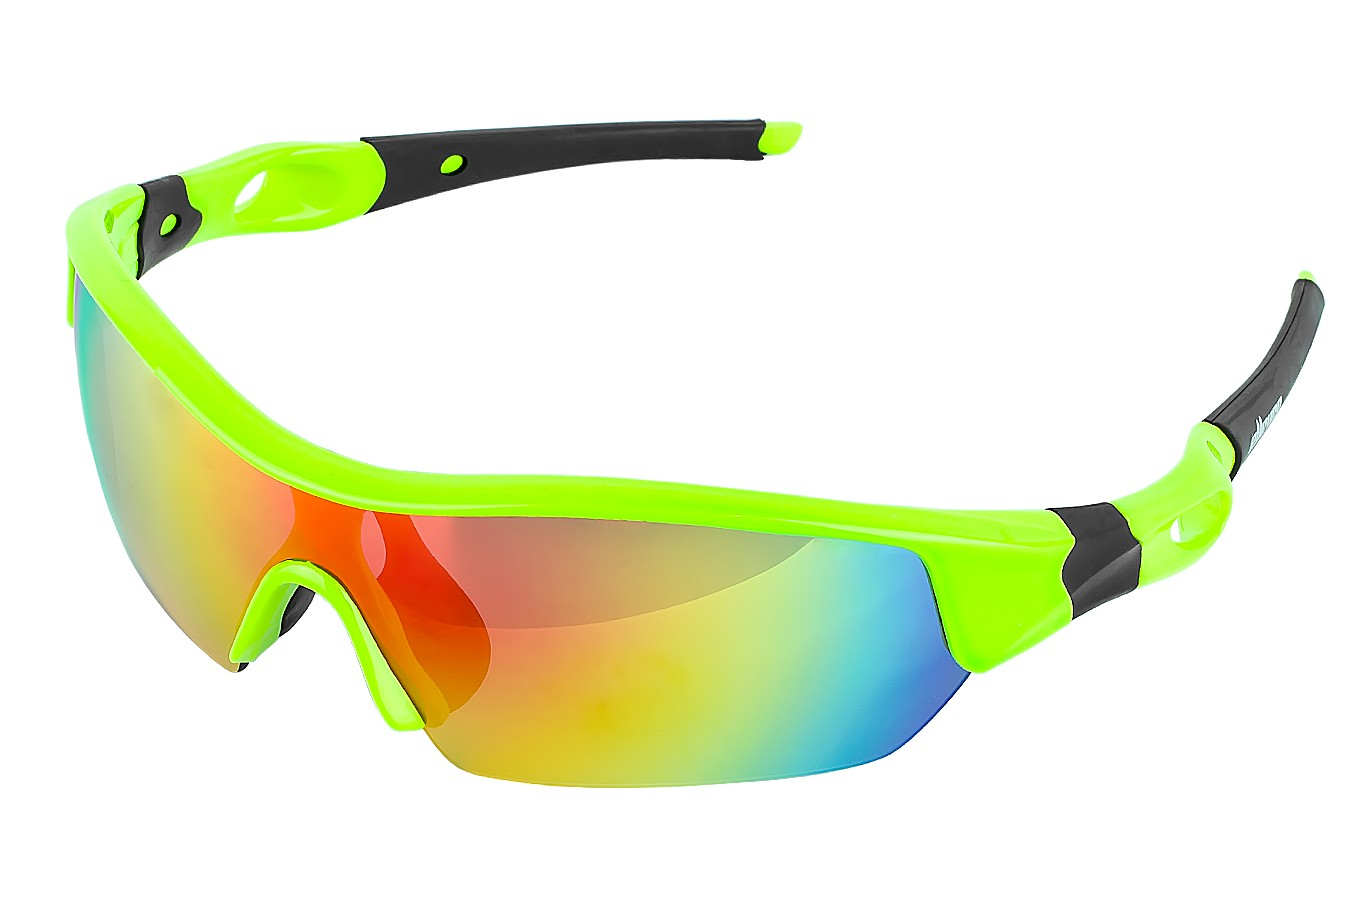 7db6fe762 Óculos Ciclista Spider Lentes Coloridas - Elleven